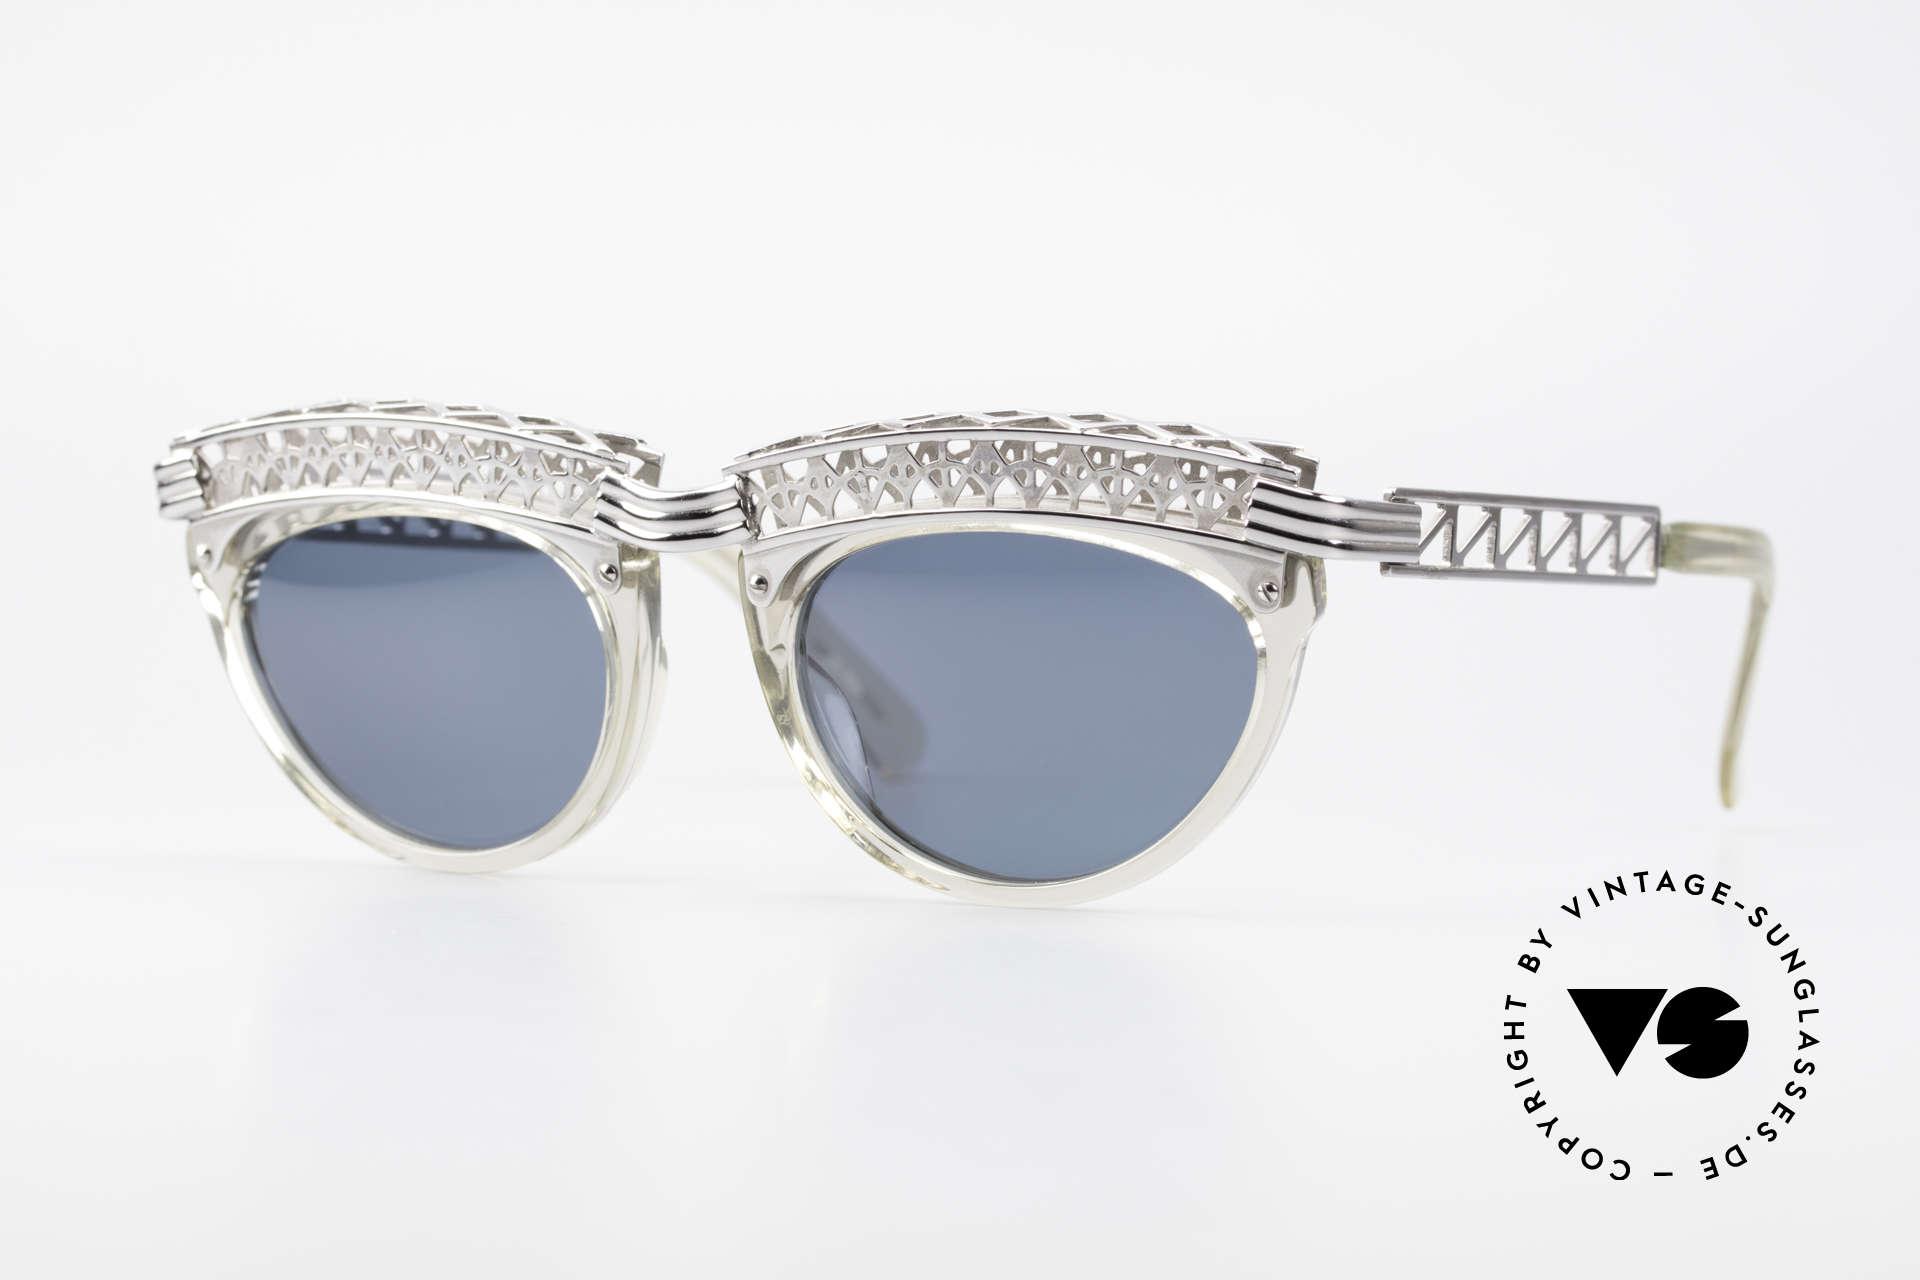 Jean Paul Gaultier 56-0271 Eifelturm Rihanna Sonnenbrille, vintage Designersonnenbrille von J.P.Gaultier, Passend für Damen